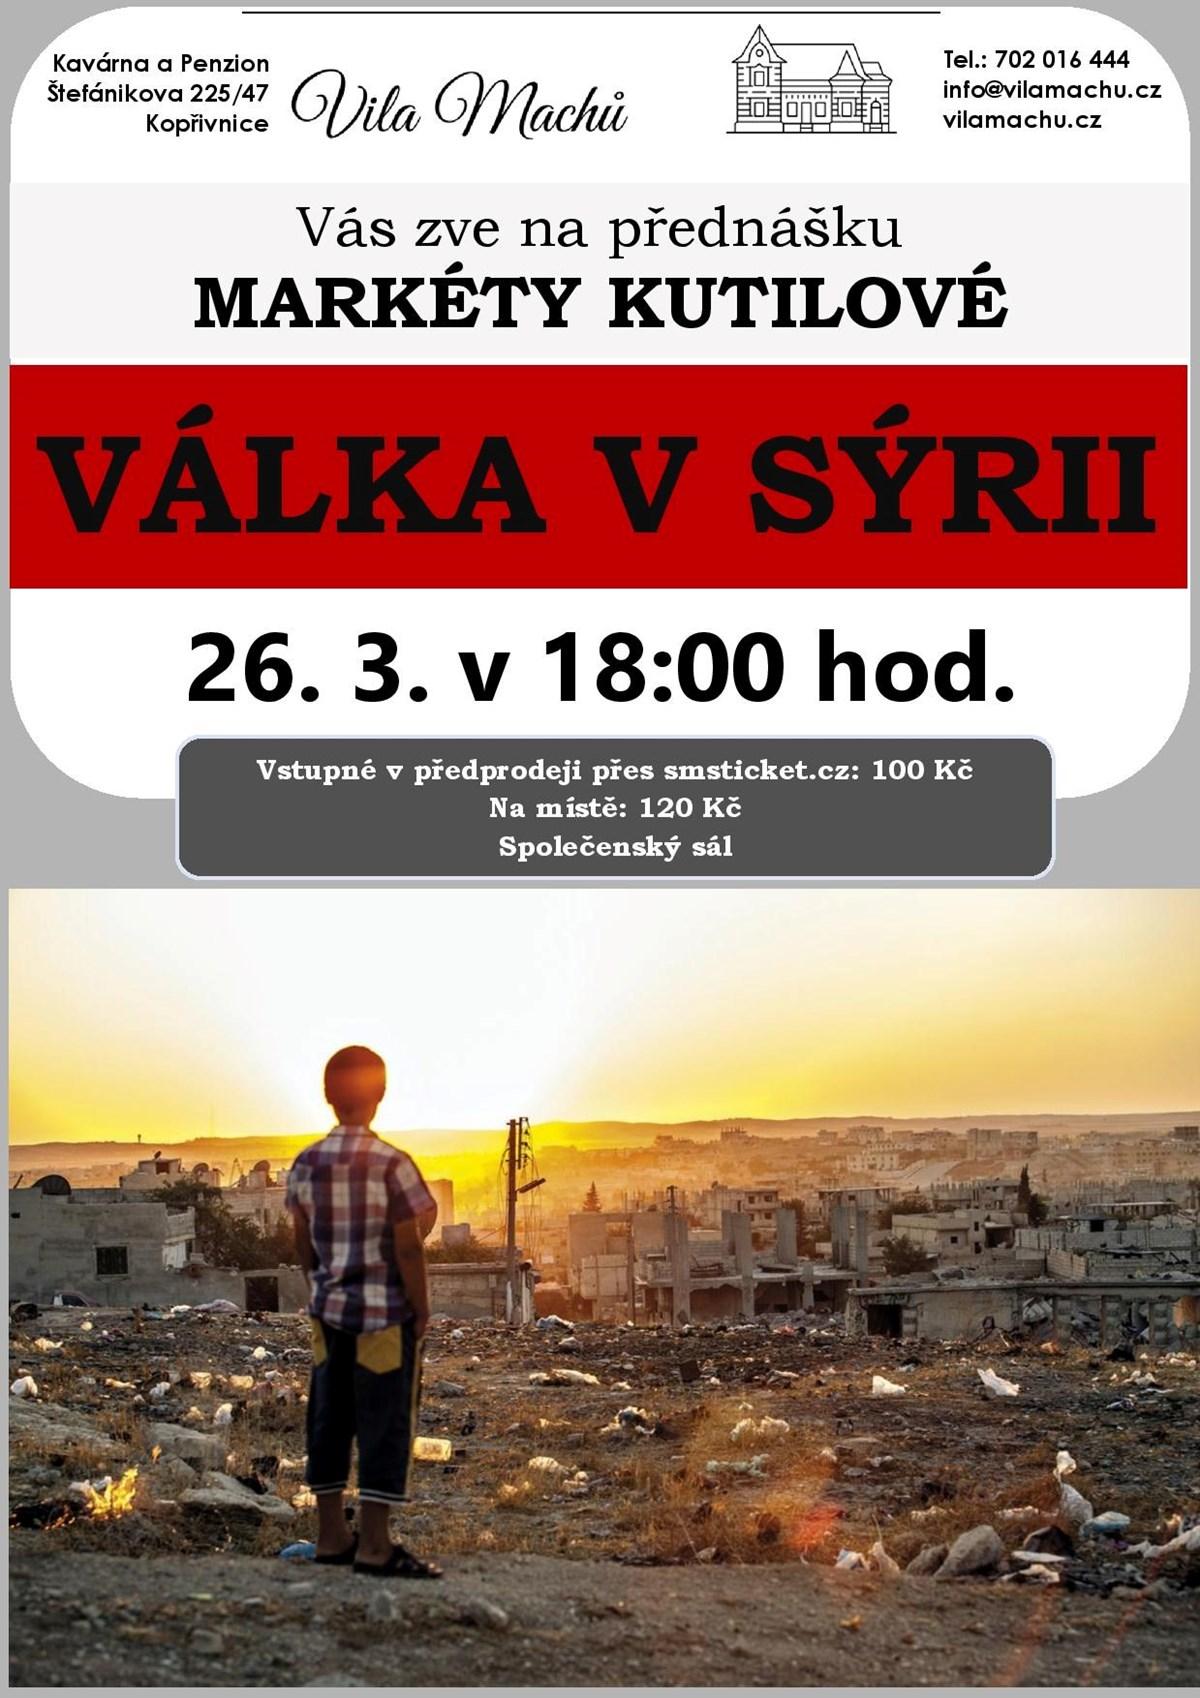 Válka v Sýrii - Markéta Kutilová